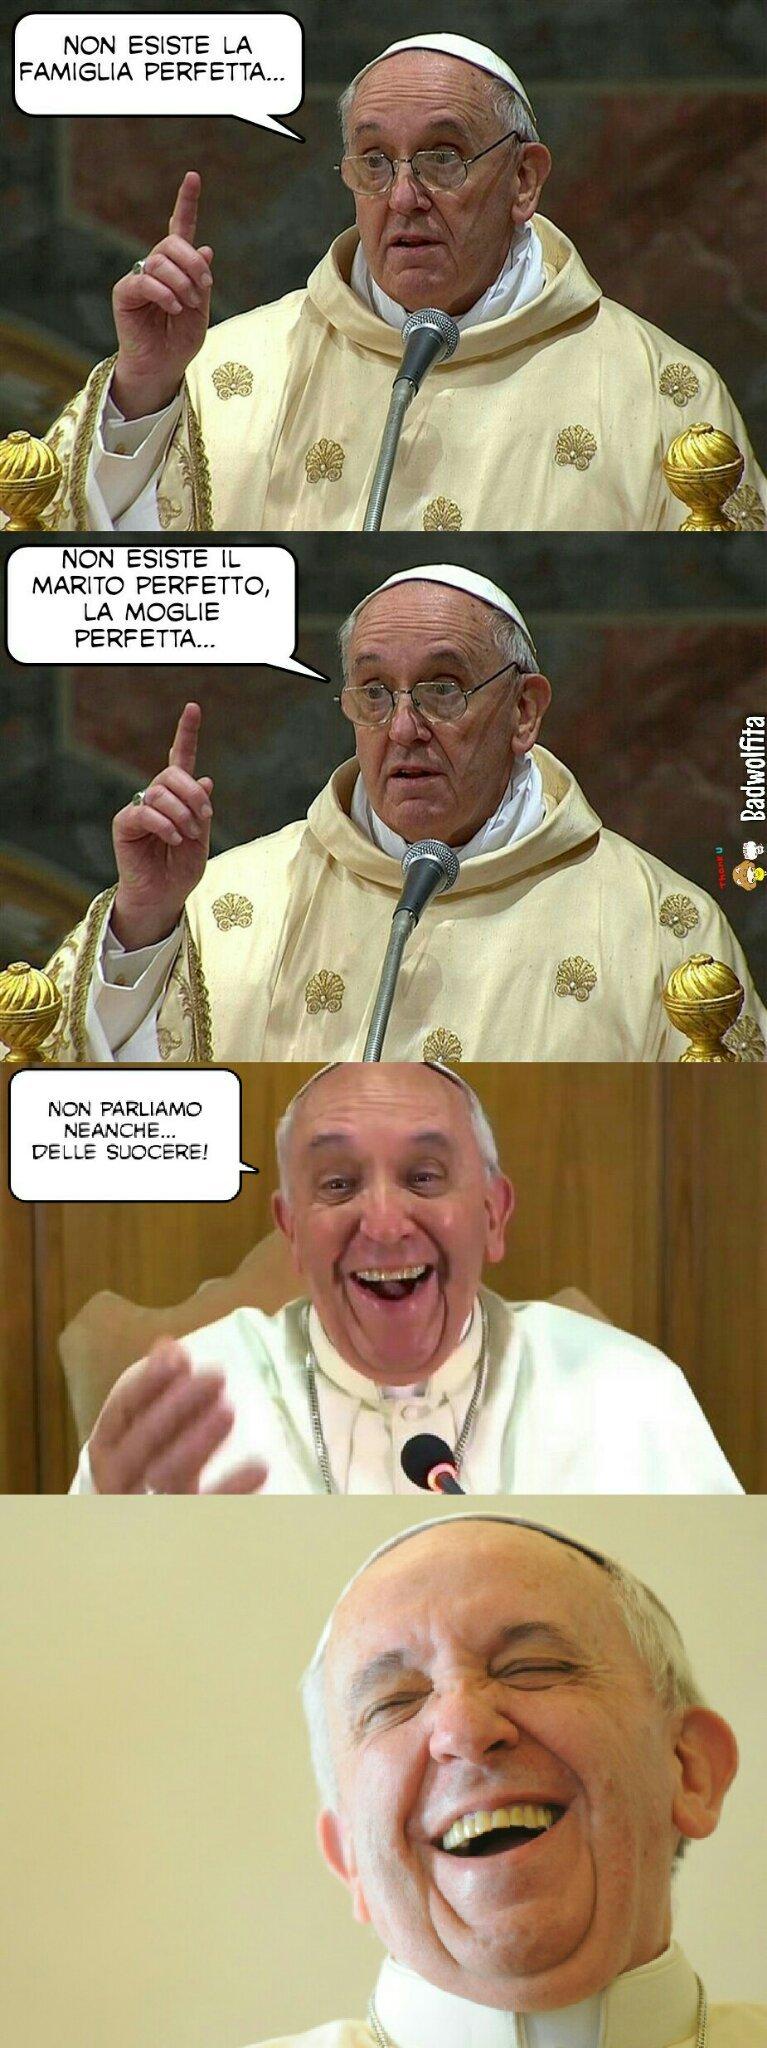 Vero discorso di papa Francesco sulle suocere - meme